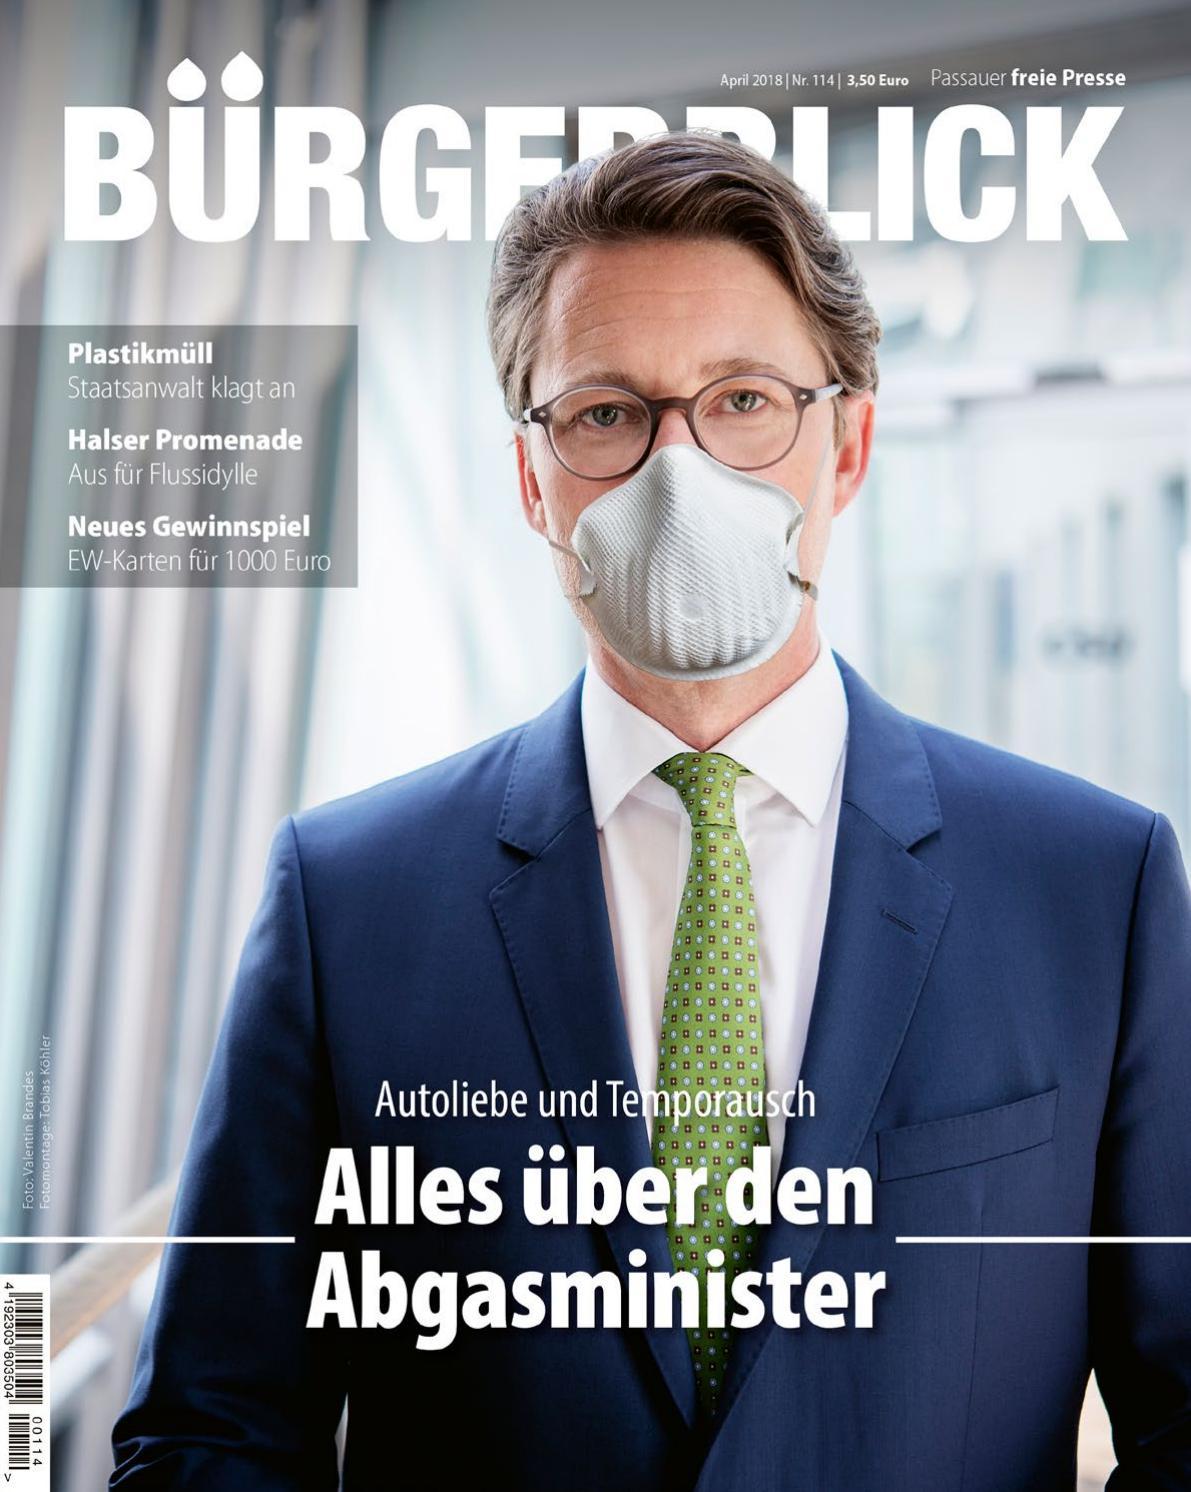 Bürgerblick Nr. 114 by Hubert Jakob Denk - issuu